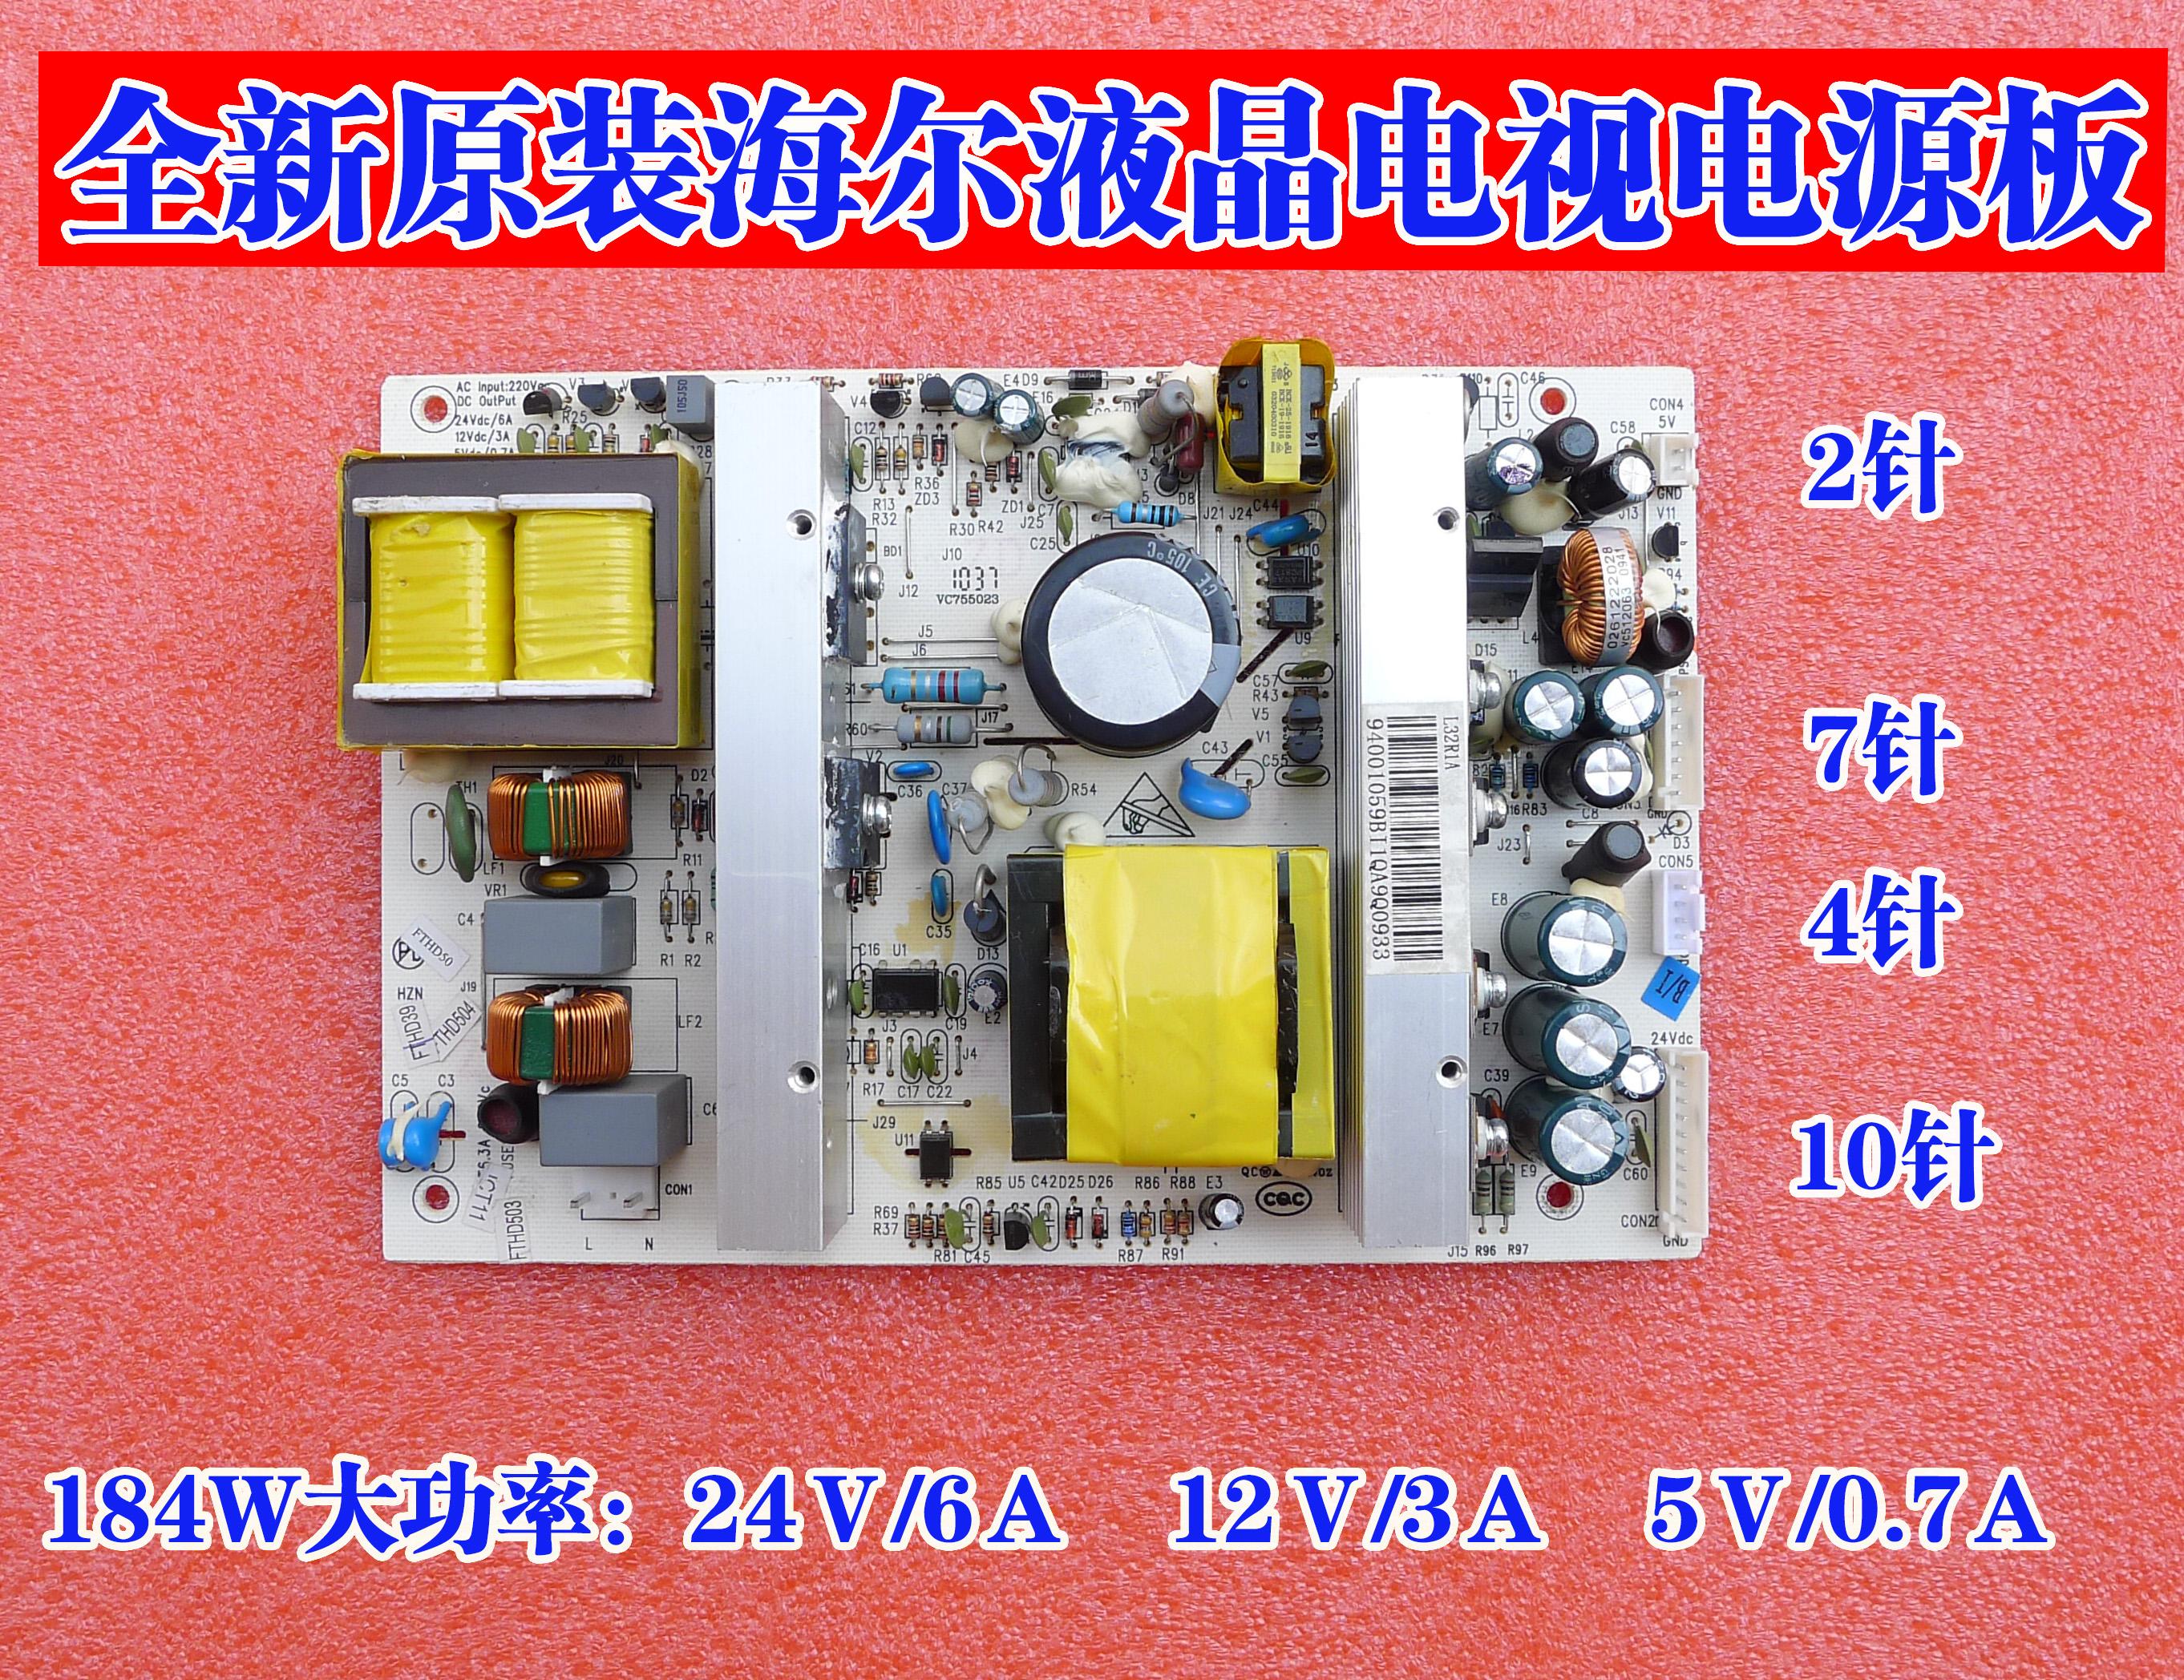 Nouveau substitut de carte d'alimentation HRPS32-184L32R1A Haier de télévision à affichage à cristaux liquides L32F1VC755023